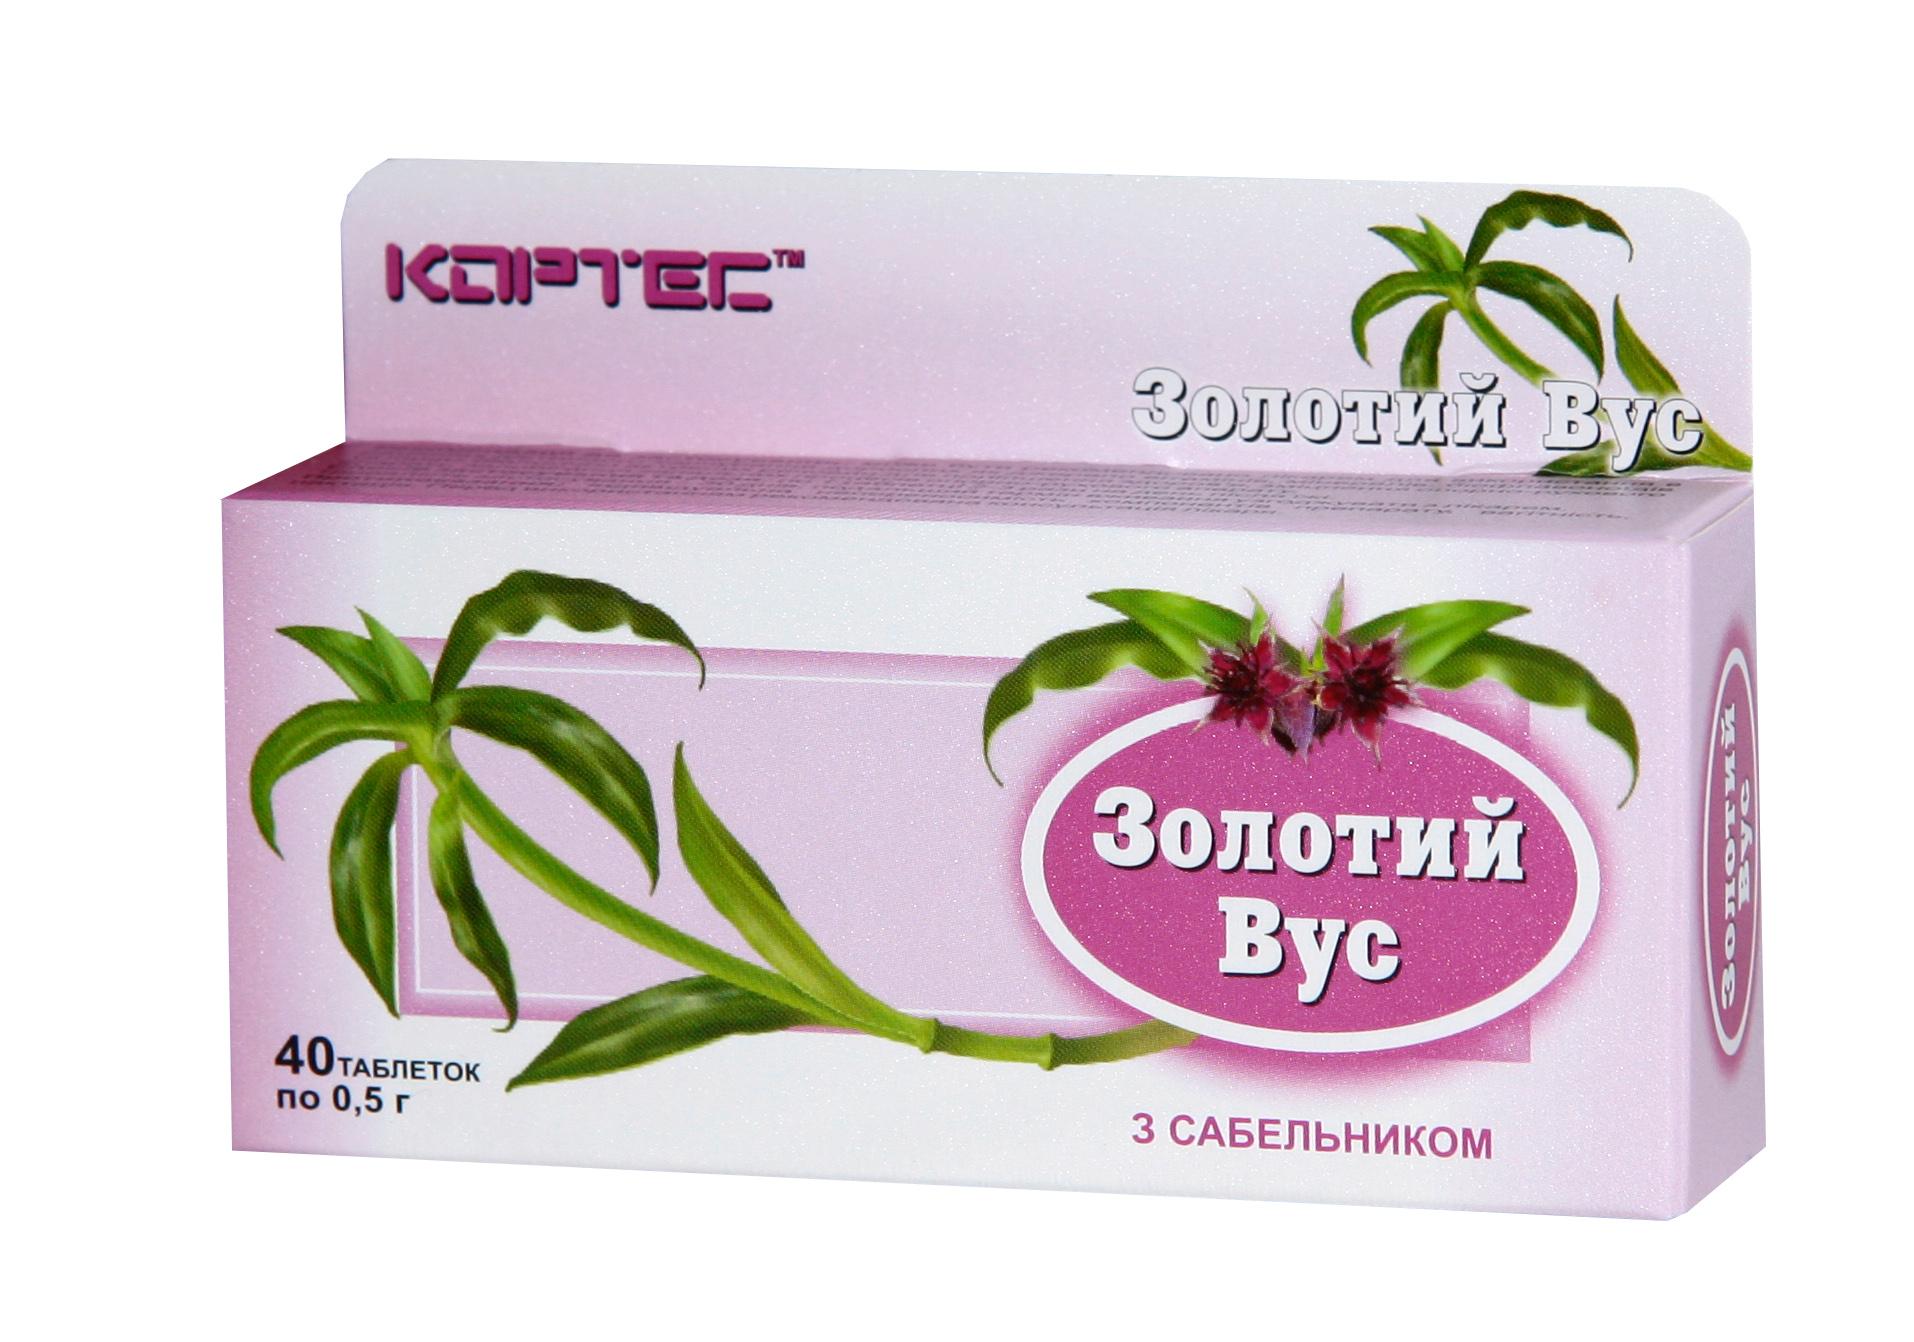 Таблетки Золотой ус сабельником по 0,5 г №40. Соединение лекарственні трав с витамином С, хондроитином и ибупрофеном